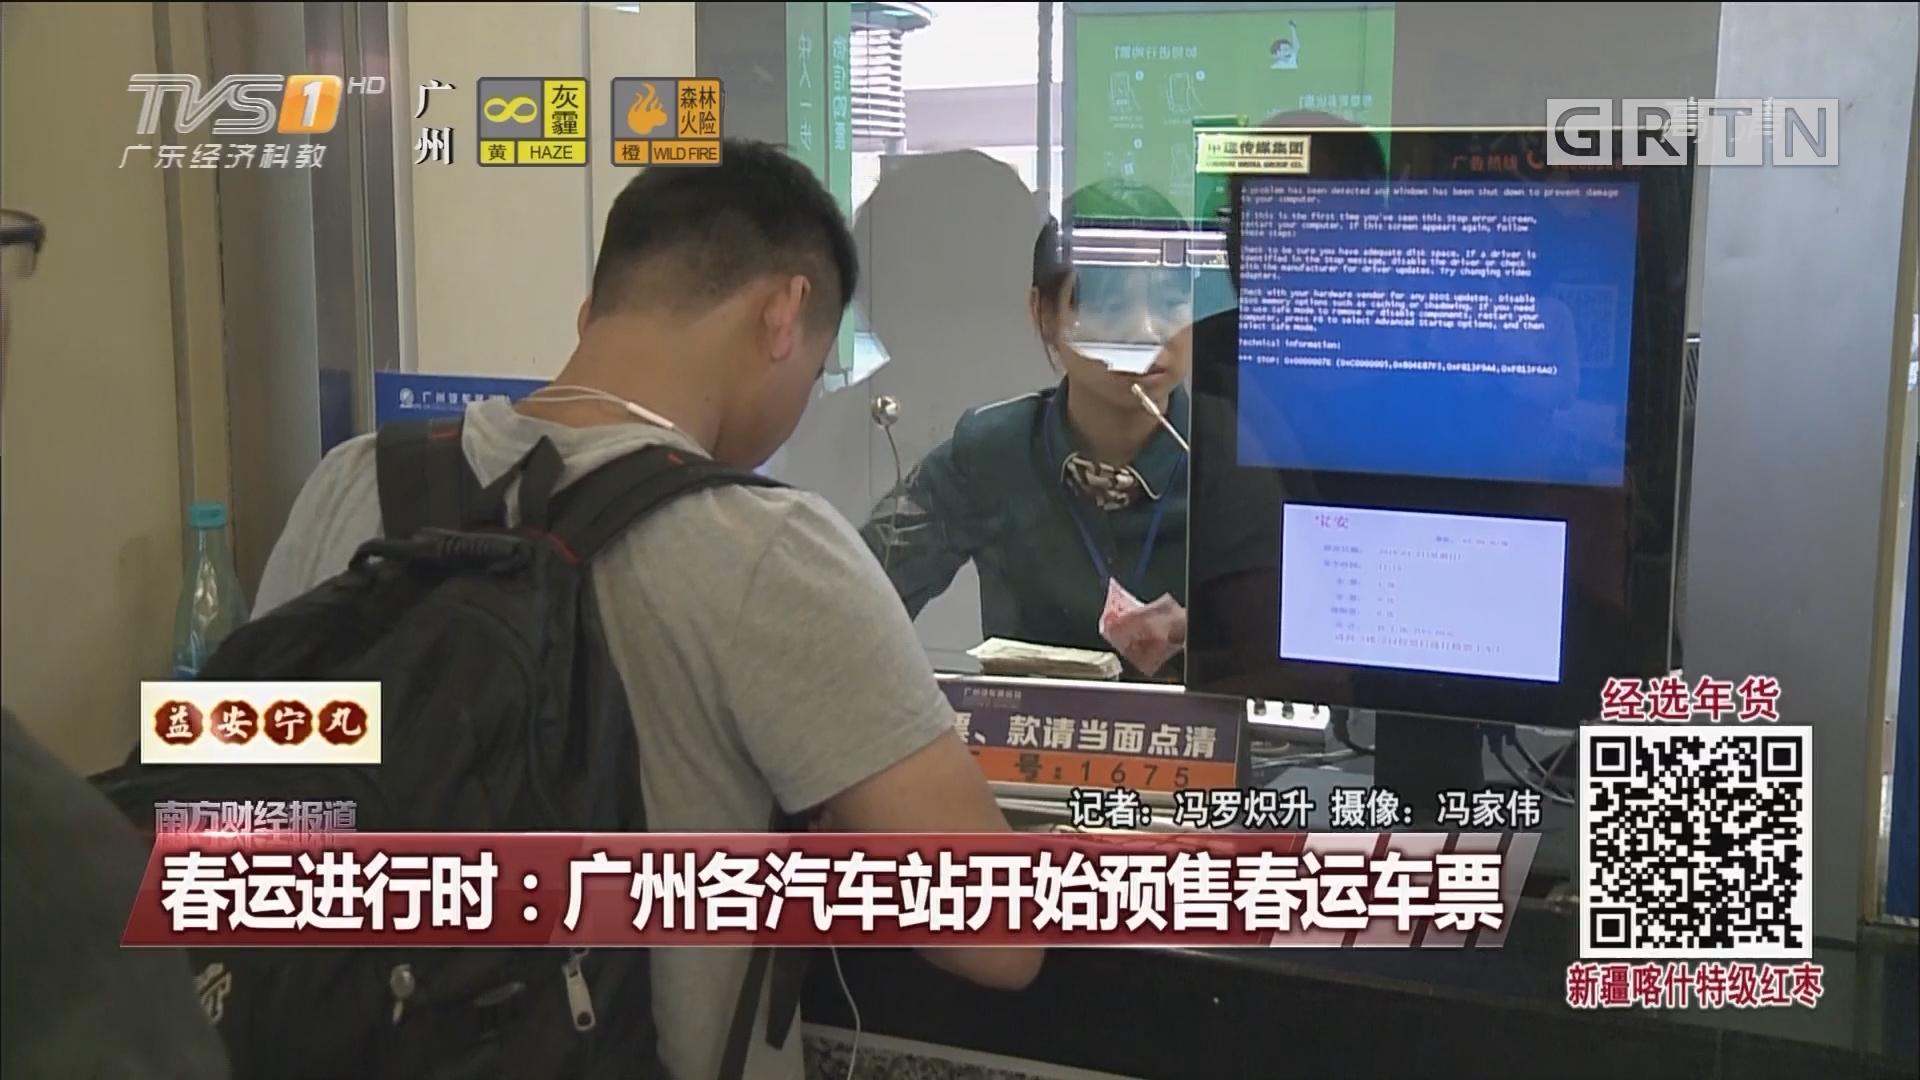 春运进行时:广州各汽车站开始预售春运车票